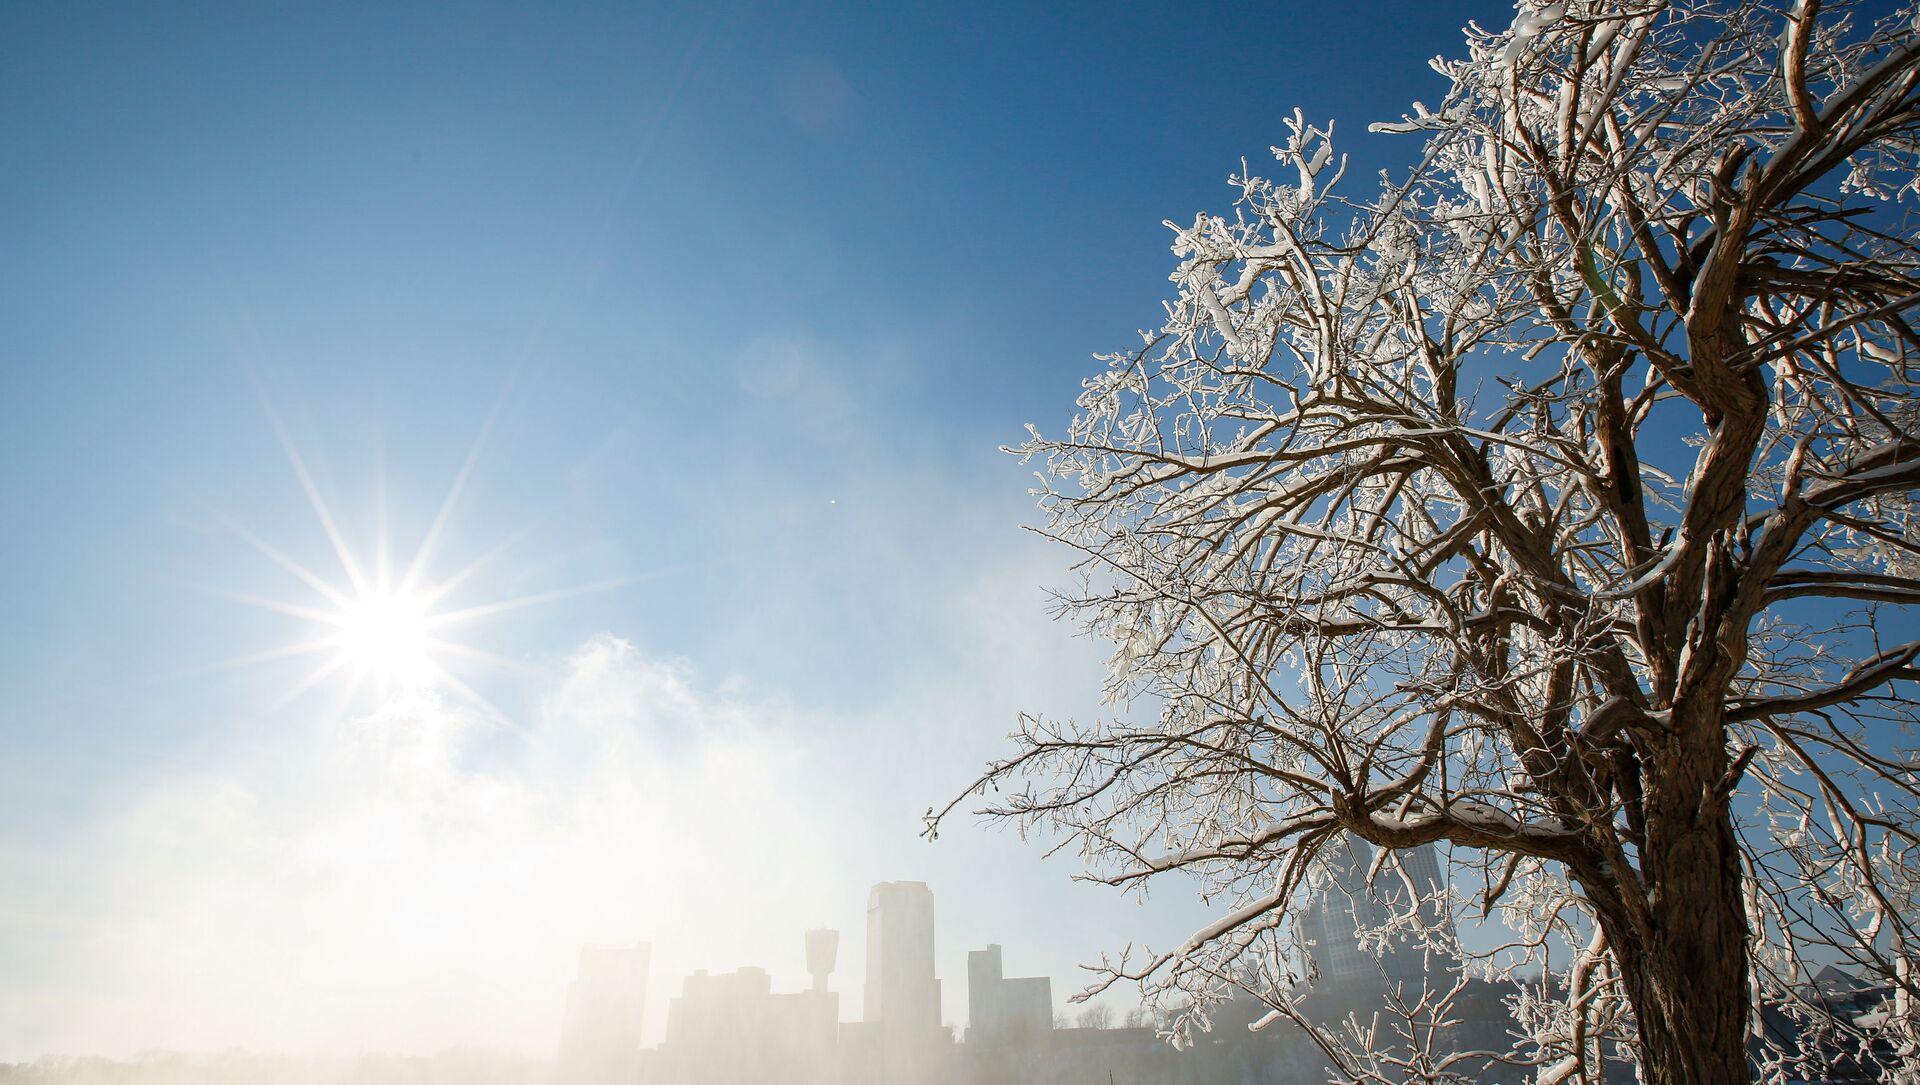 Покрытые льдом деревья в городе Ниагара-Фолс в штате Нью-Йорк  - Sputnik Česká republika, 1920, 15.03.2021